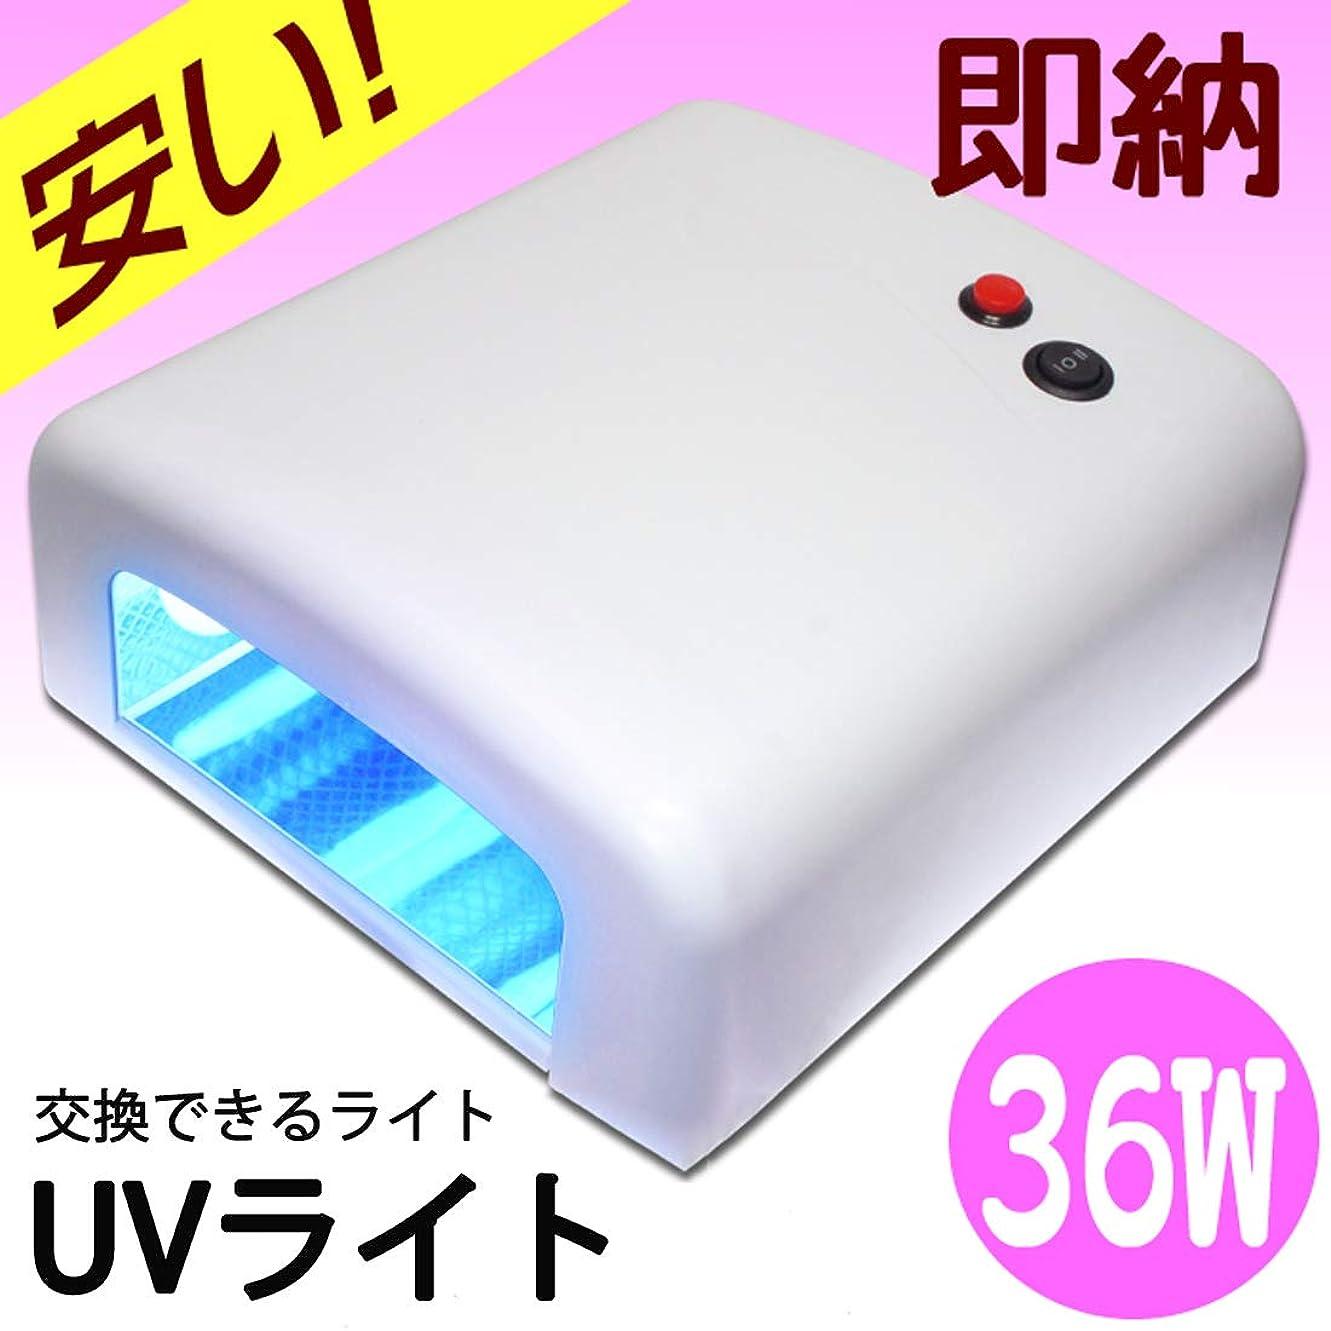 急性いつか家事UVライト 白 ハイパワー ジェルネイル用 ホワイト 36W UVライト 単品単体 プロ仕様本体 UVランプ タイマー付き レジンクラフト用にも最適 ネイルドライヤー レジンライト